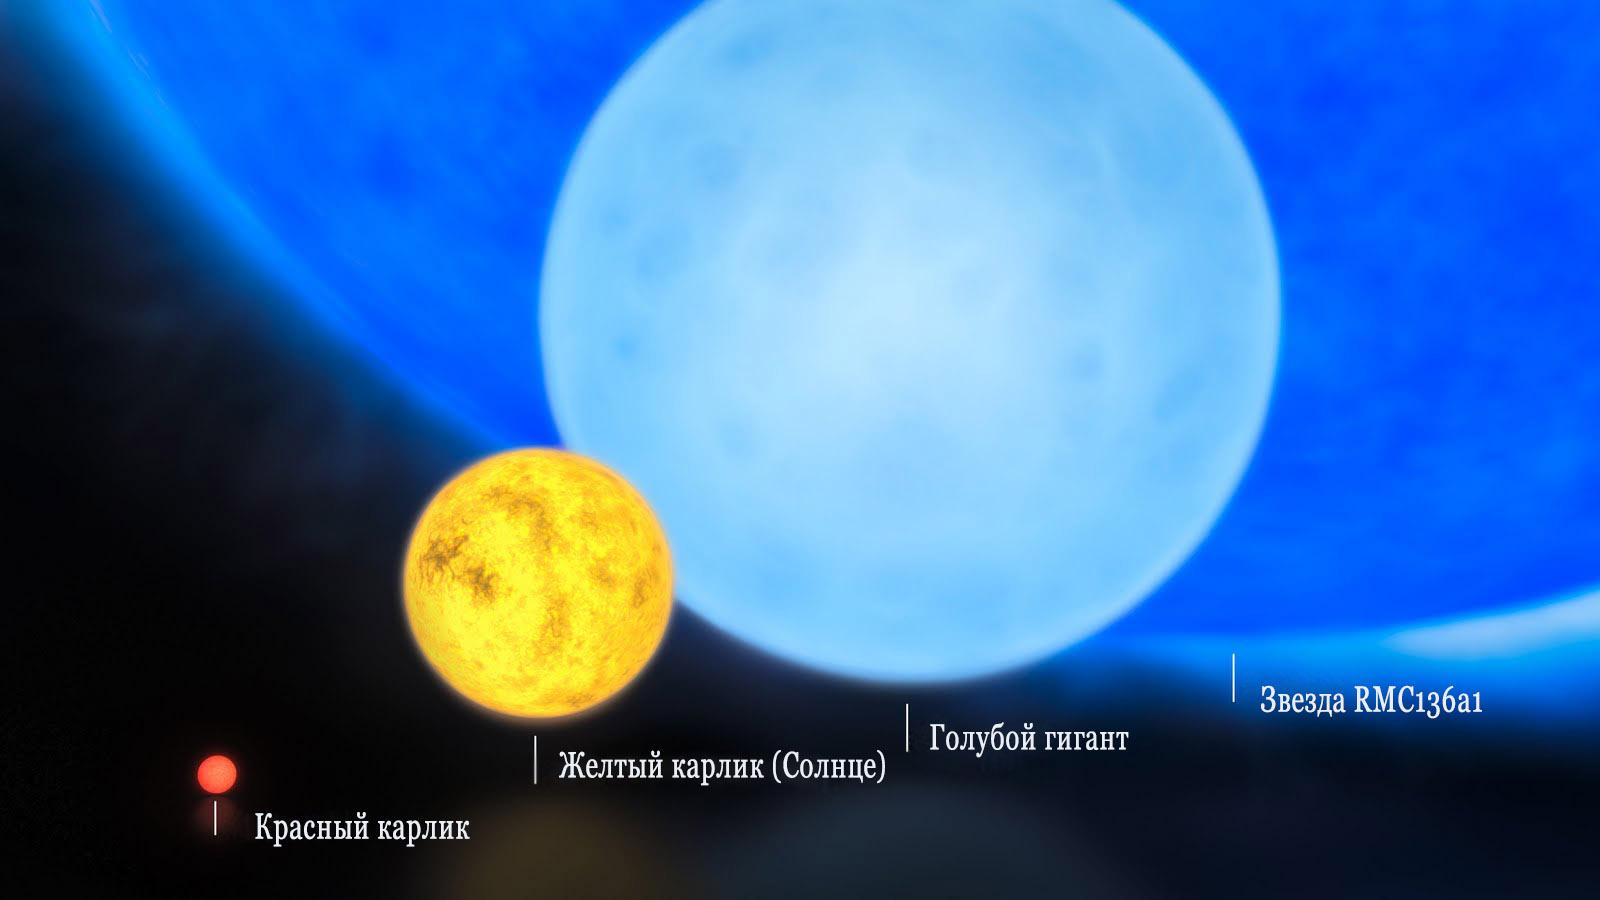 Звезды разных спектральных классов в сравнении